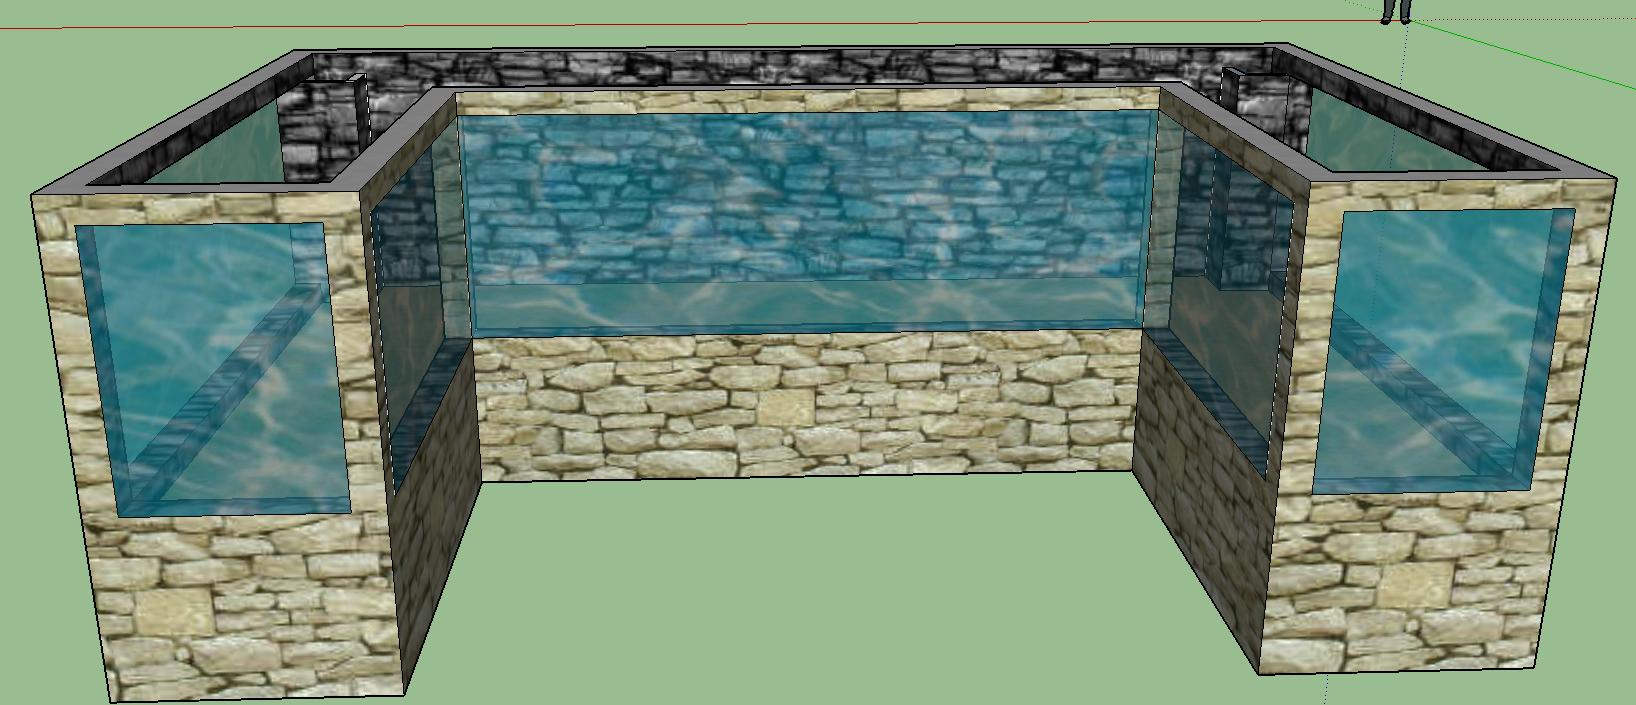 grossaquarium abdichten aquarium bauen aquaristik. Black Bedroom Furniture Sets. Home Design Ideas